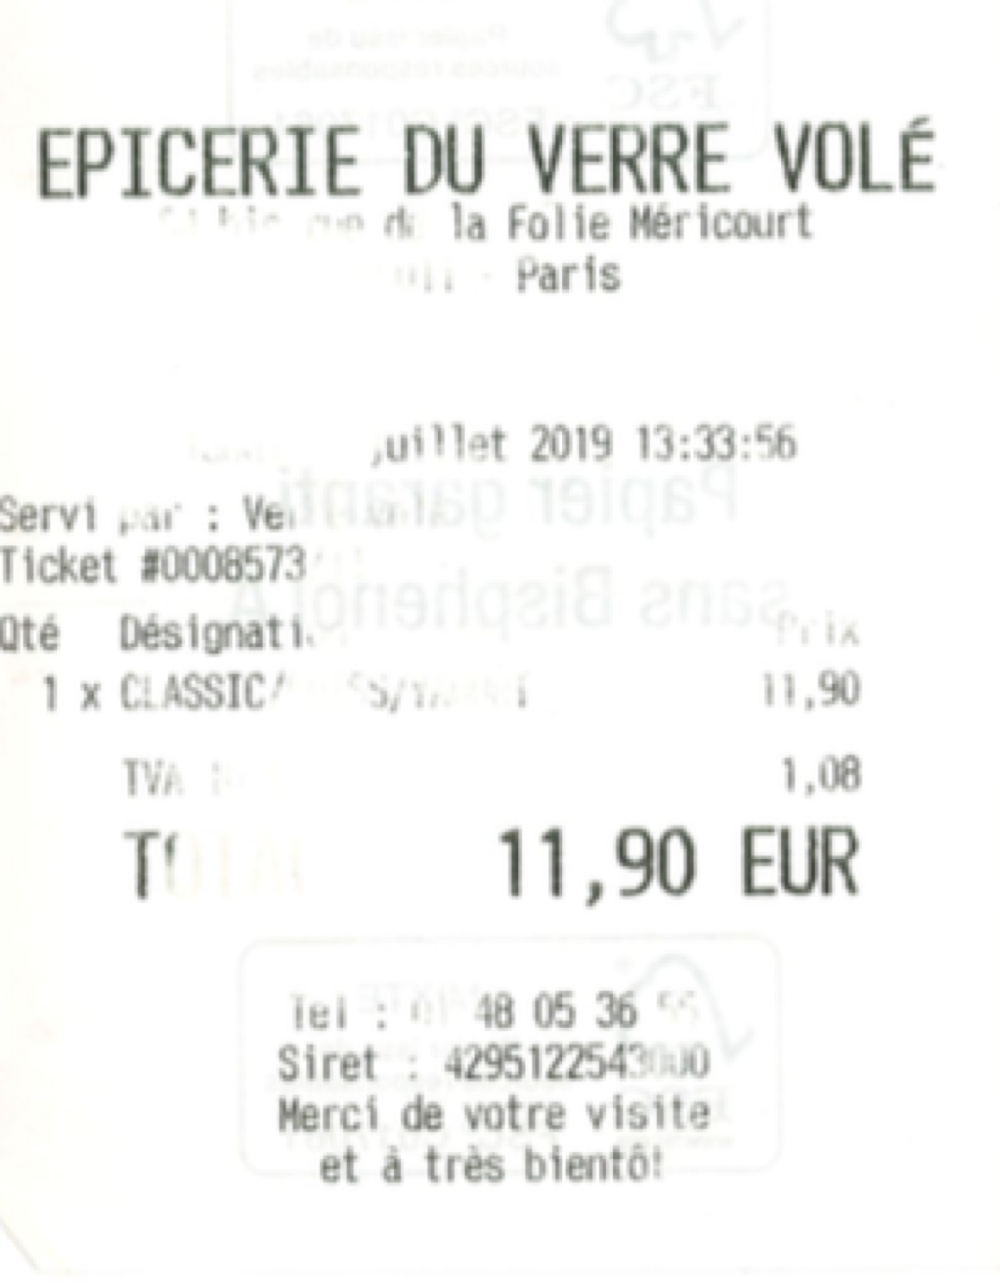 18_08_26_491_75011_Epicerie_du_Verre_Vol_.png